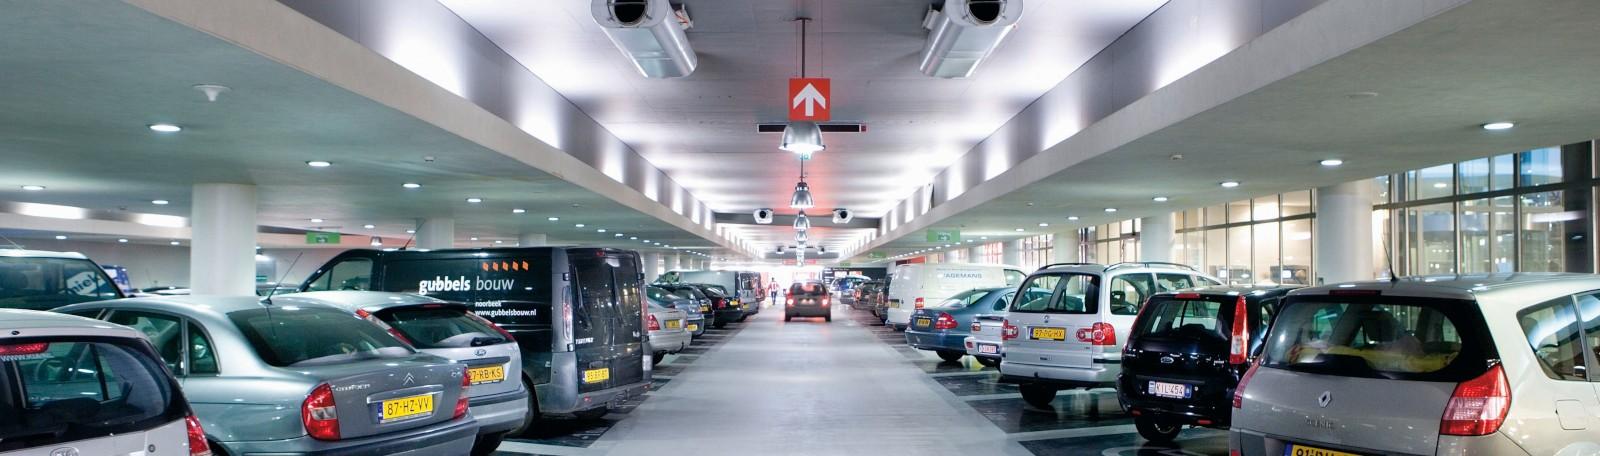 L'audacieux projet LED de Q-Park